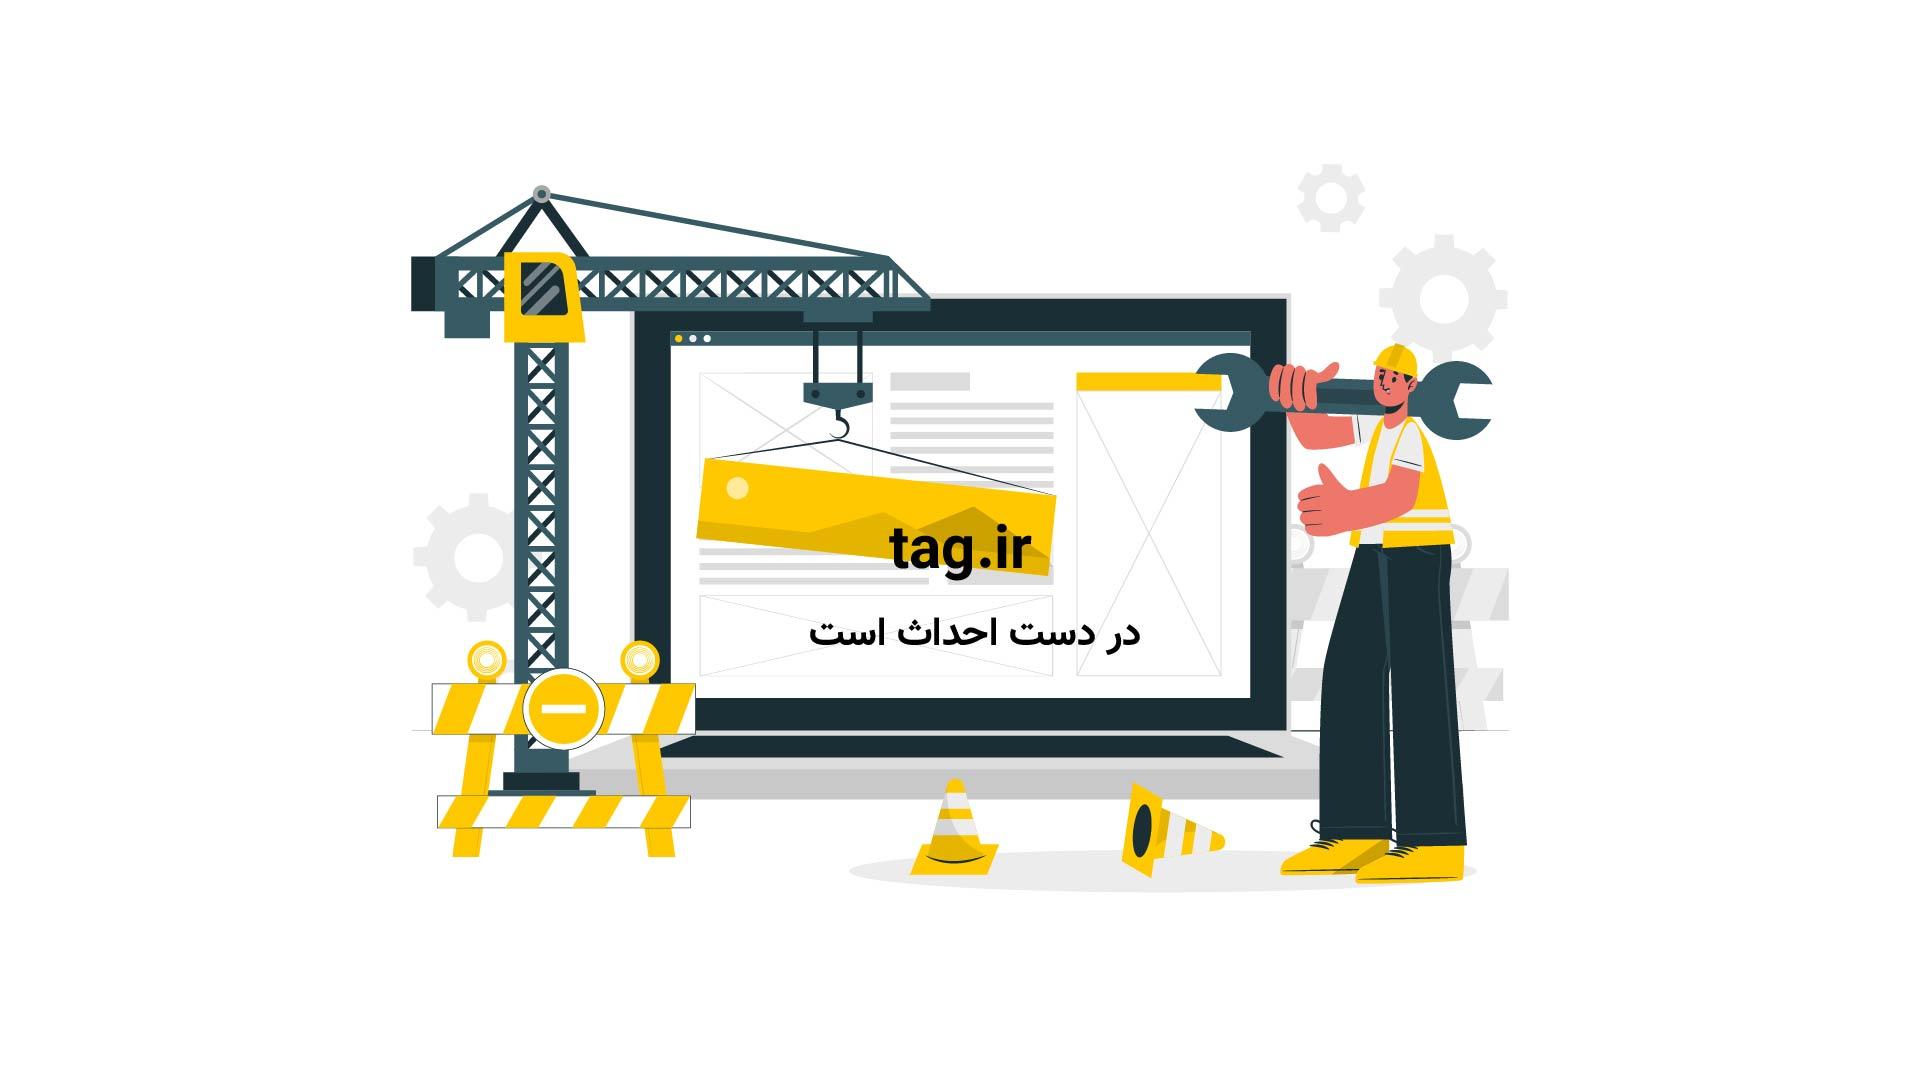 تغییر محدوده طرح ترافیک نیازمند مصوبه شورای شهر است   فیلم